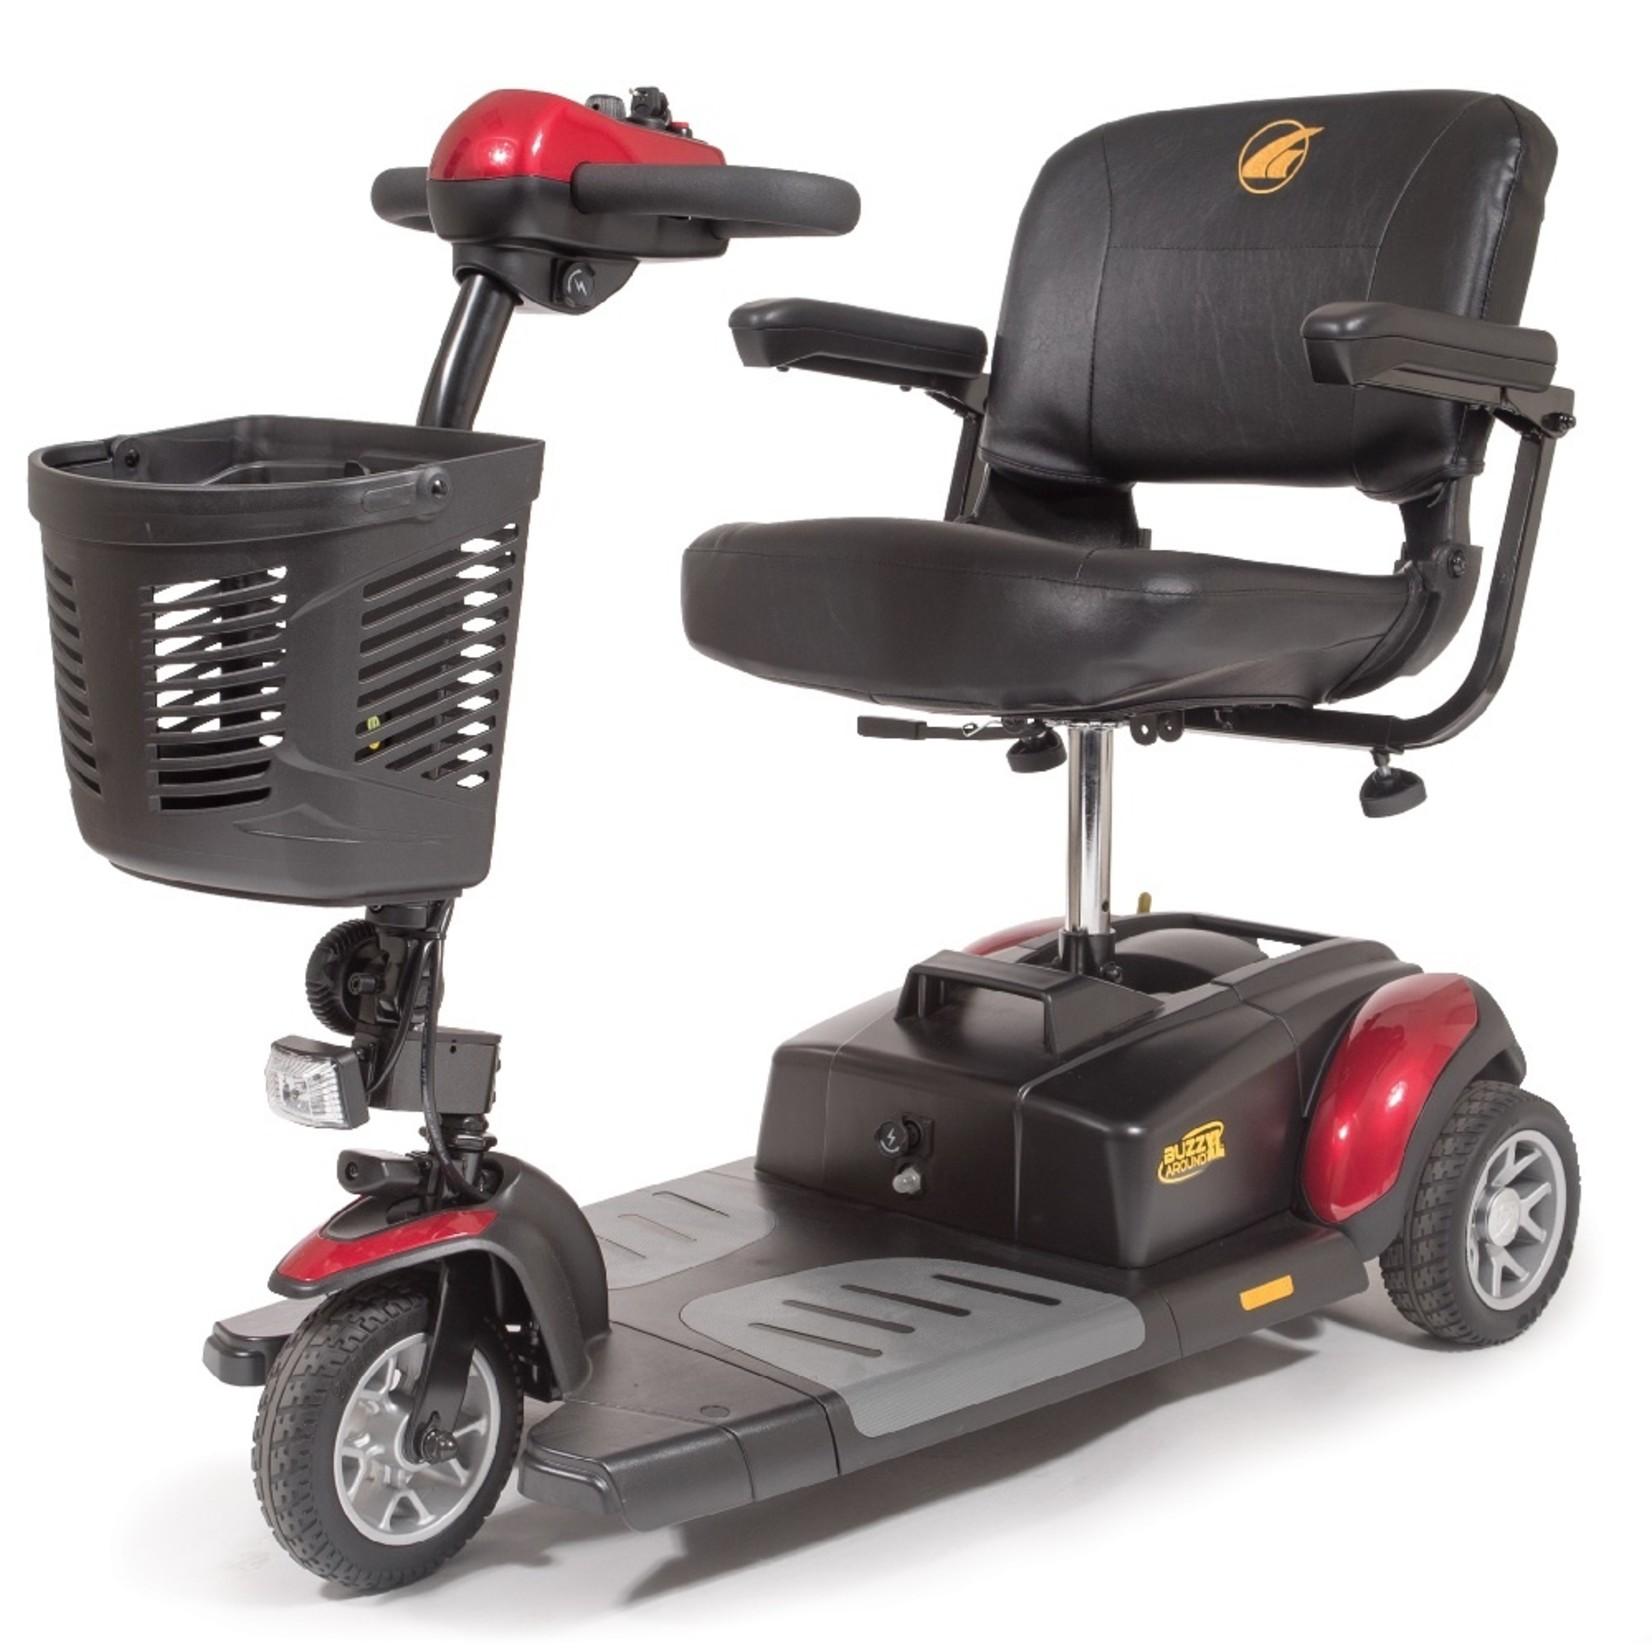 Golden Technologies Buzzaround XL 3-Wheel Scooters